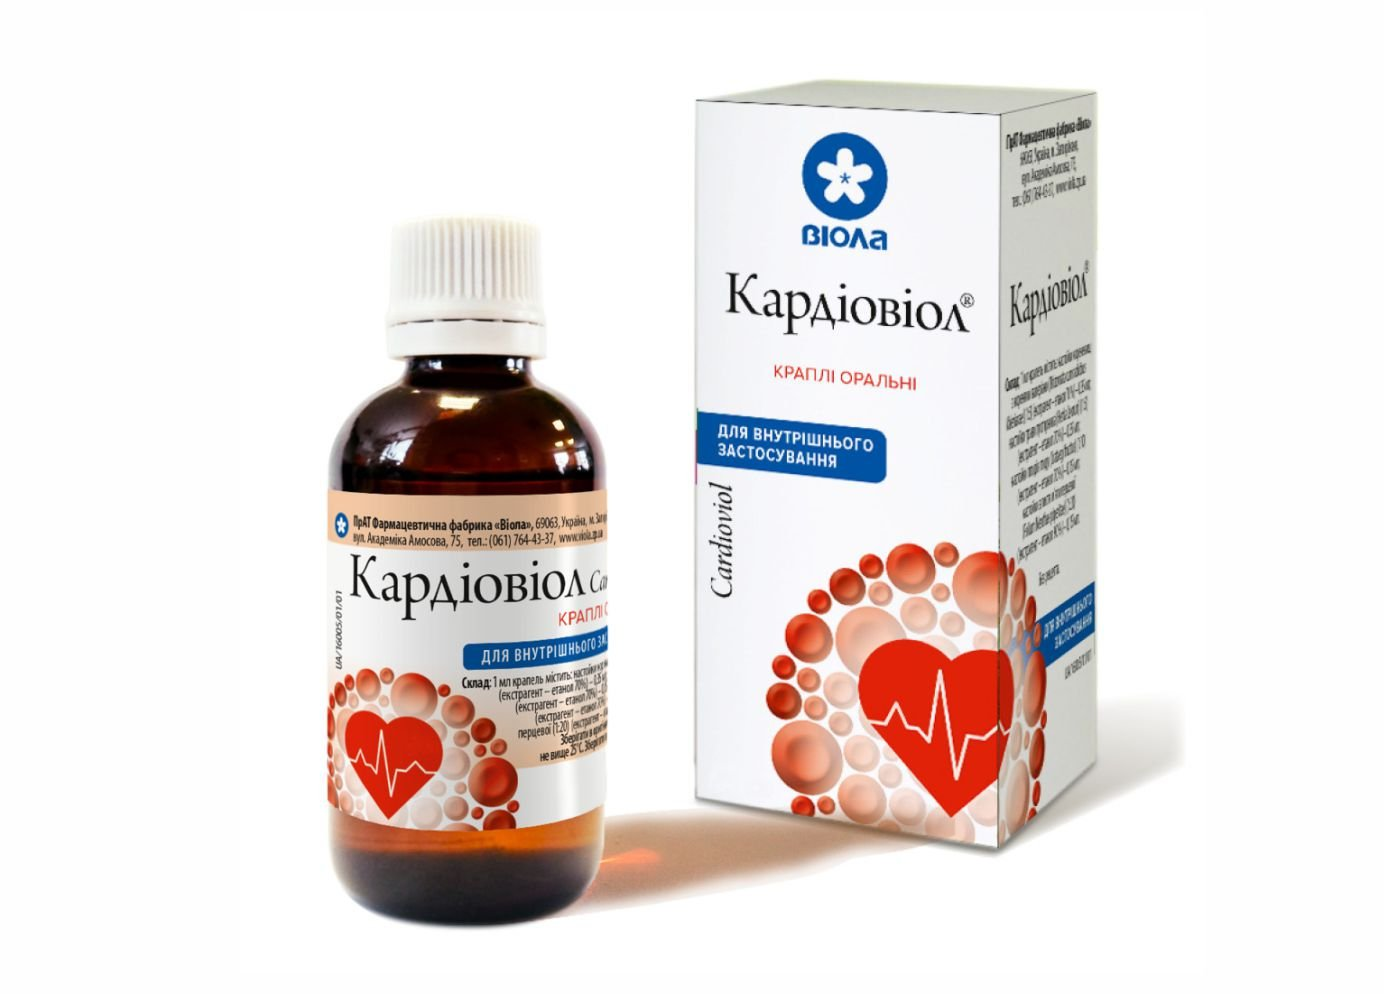 Cardioviol (Rhizomata cum radicibus Valerianae) 50 ml. vial